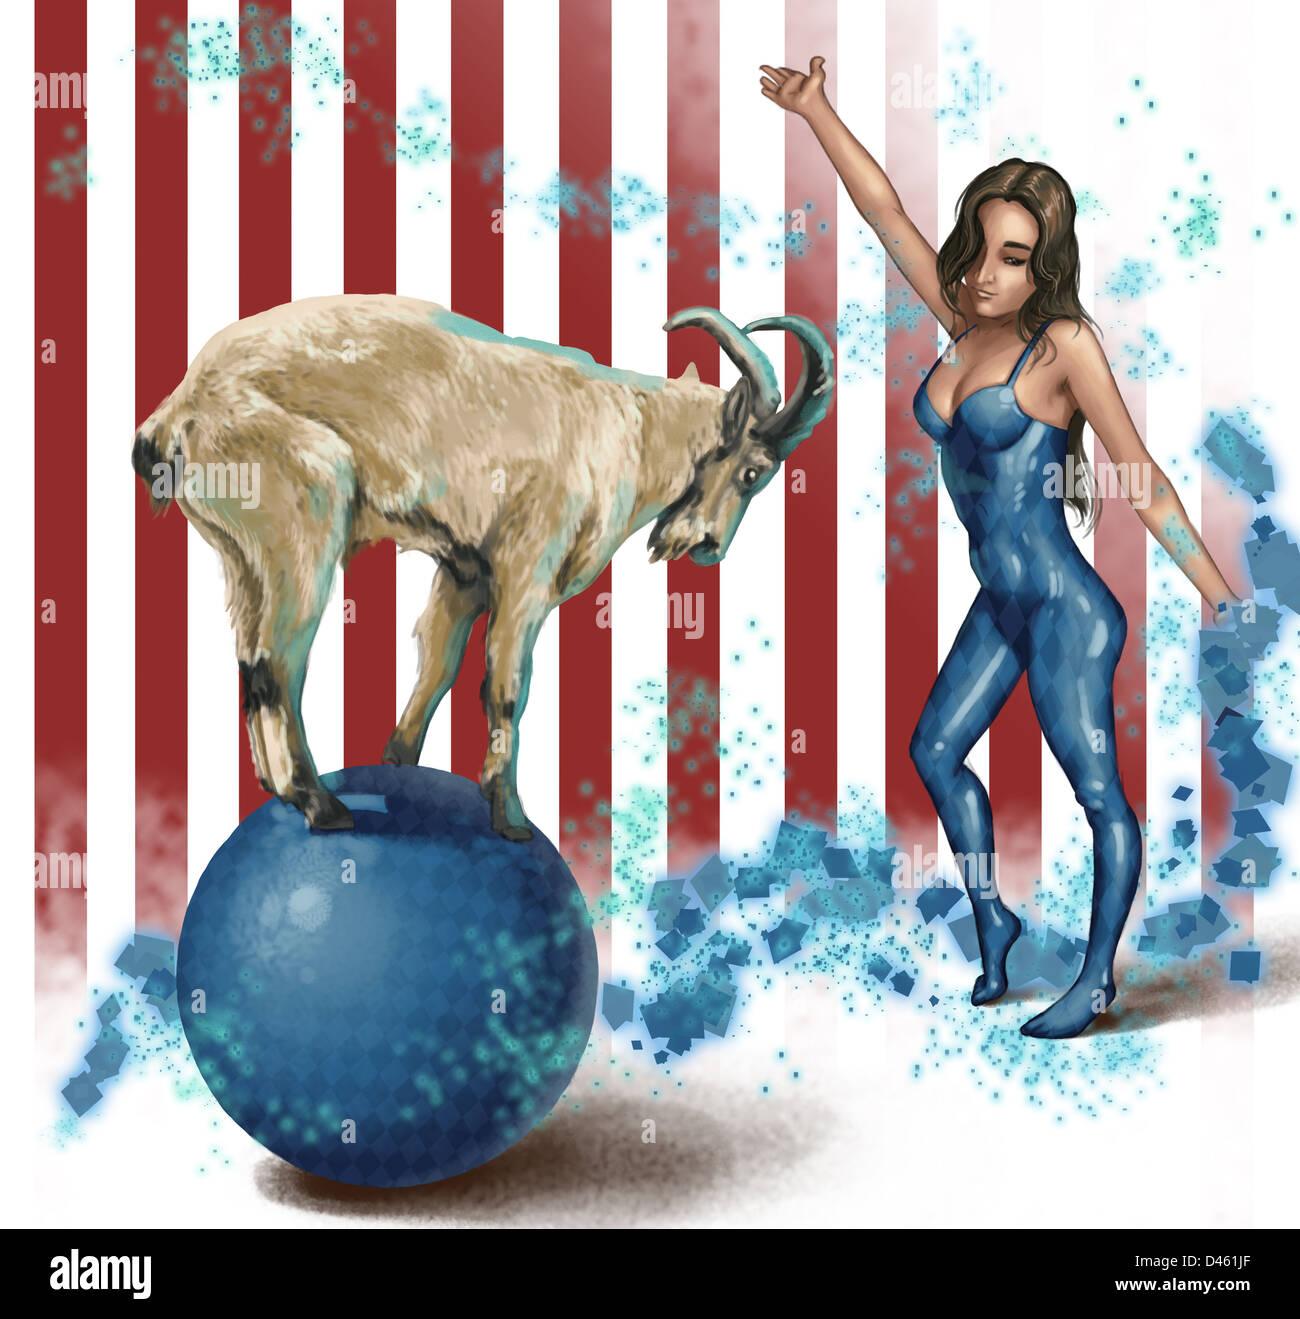 Image d'illustration de l'interprète féminine à l'équilibrage sur sphère de Photo Stock